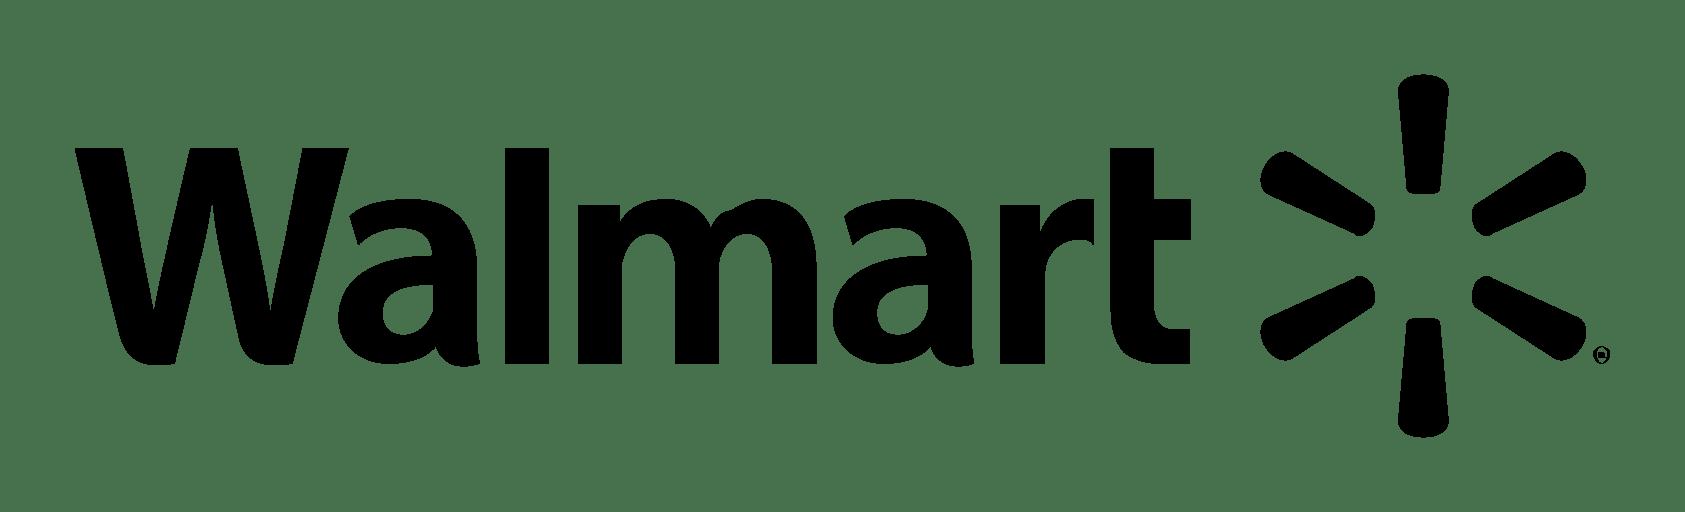 Walmart Logo - Walmart Logo Png Images Free Transparent ...